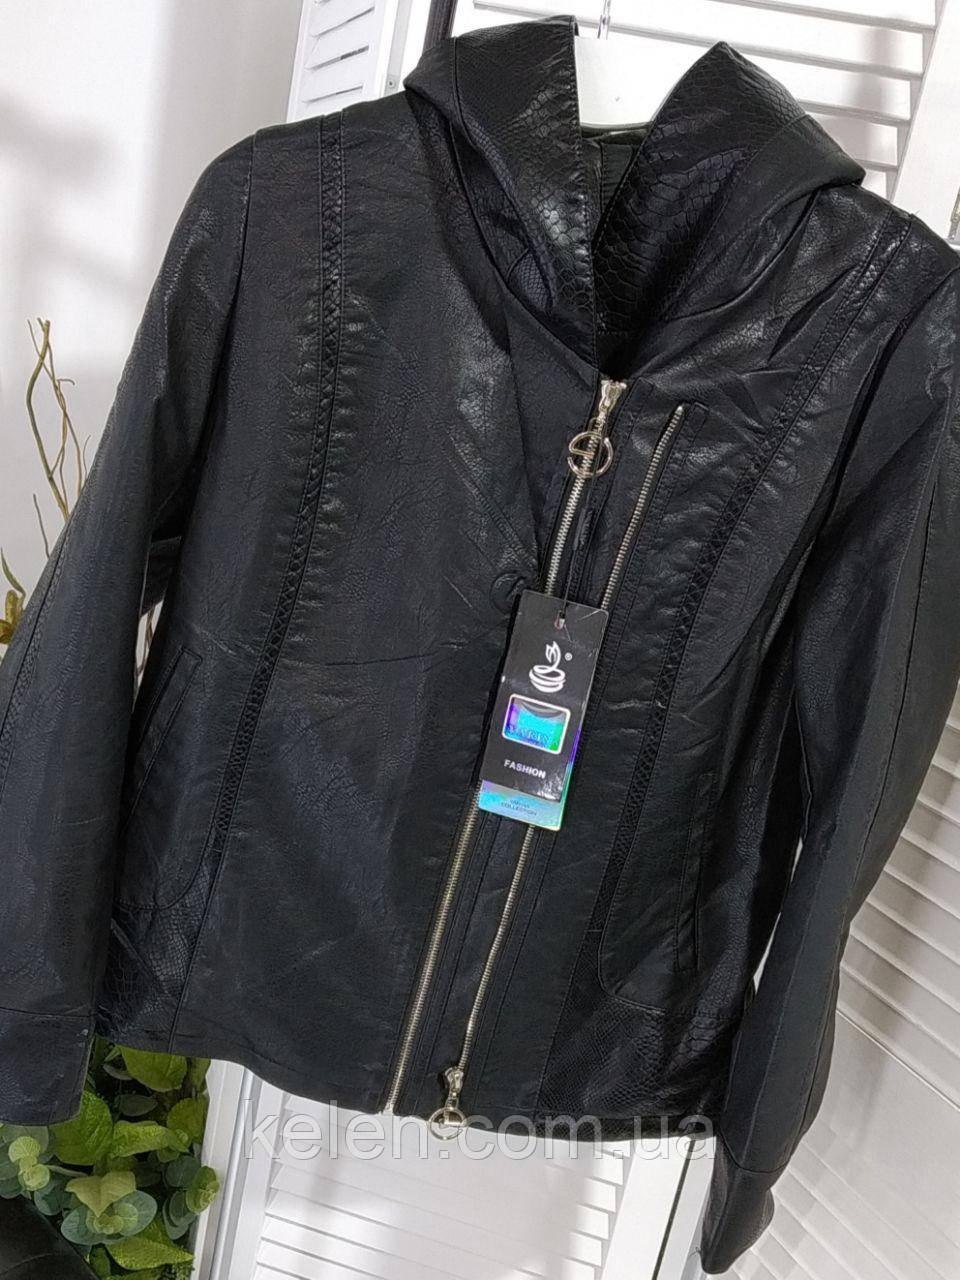 Куртка кожзам батальная с капюшоном 54 размер